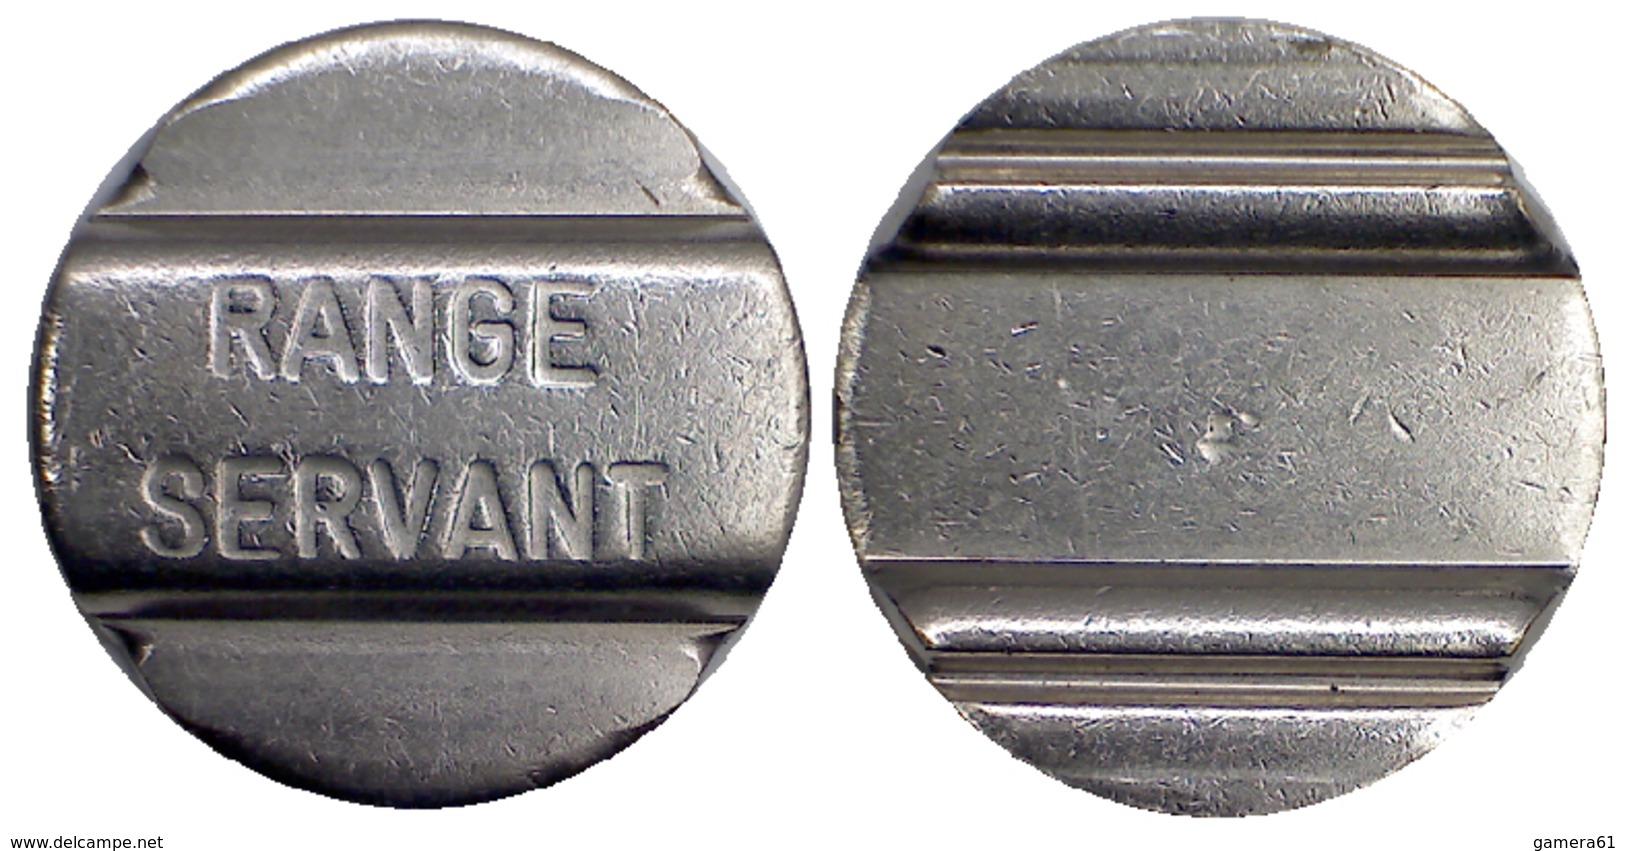 04329 GETTONE JETON TOKEN SWEDEN SPORT EQUIPMENT RANGE SERVANT - Jetons En Medailles